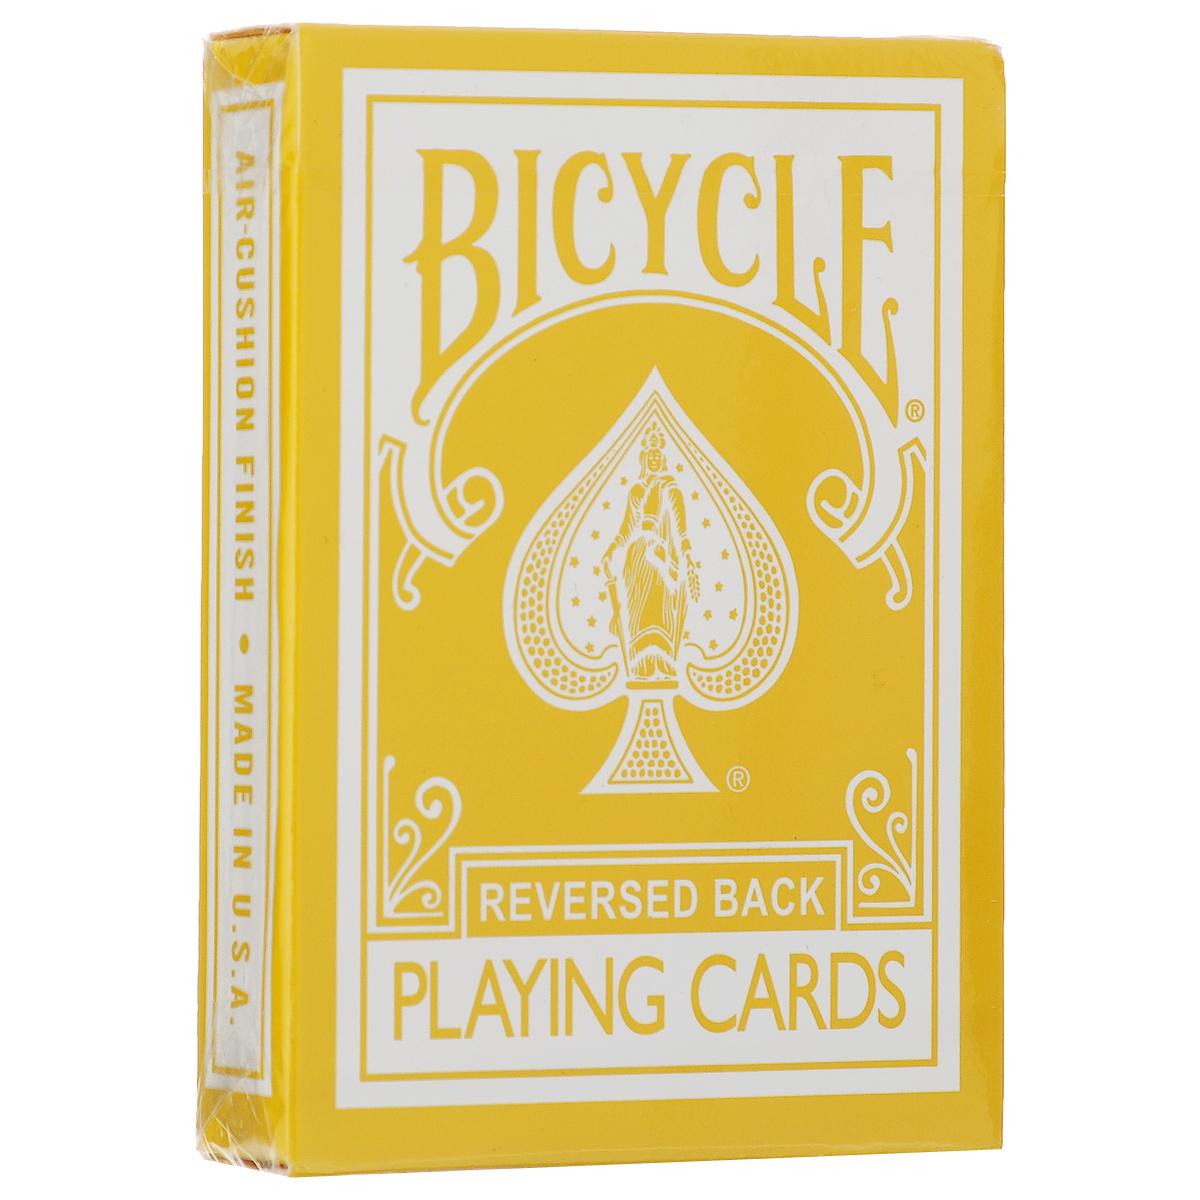 Карты игральные Bicycle Reversed Back, цвет: желтыйК-221Игральные карты Bicycle Reversed Back станут прекрасным подарком для всех любителей карточных игр. Карты этой оригинальной колоды имеют стильный и реалистичный старинный вид. Такие карты подходят для фокусов, покера и любых других карточных игр. Идеальный вариант как для новичков, так и для профессионалов. Кроме 52 стандартных карт в этой колоде вы найдете 4 дополнительных специальных карты, которые вознесут вас к вершинам мастерства.